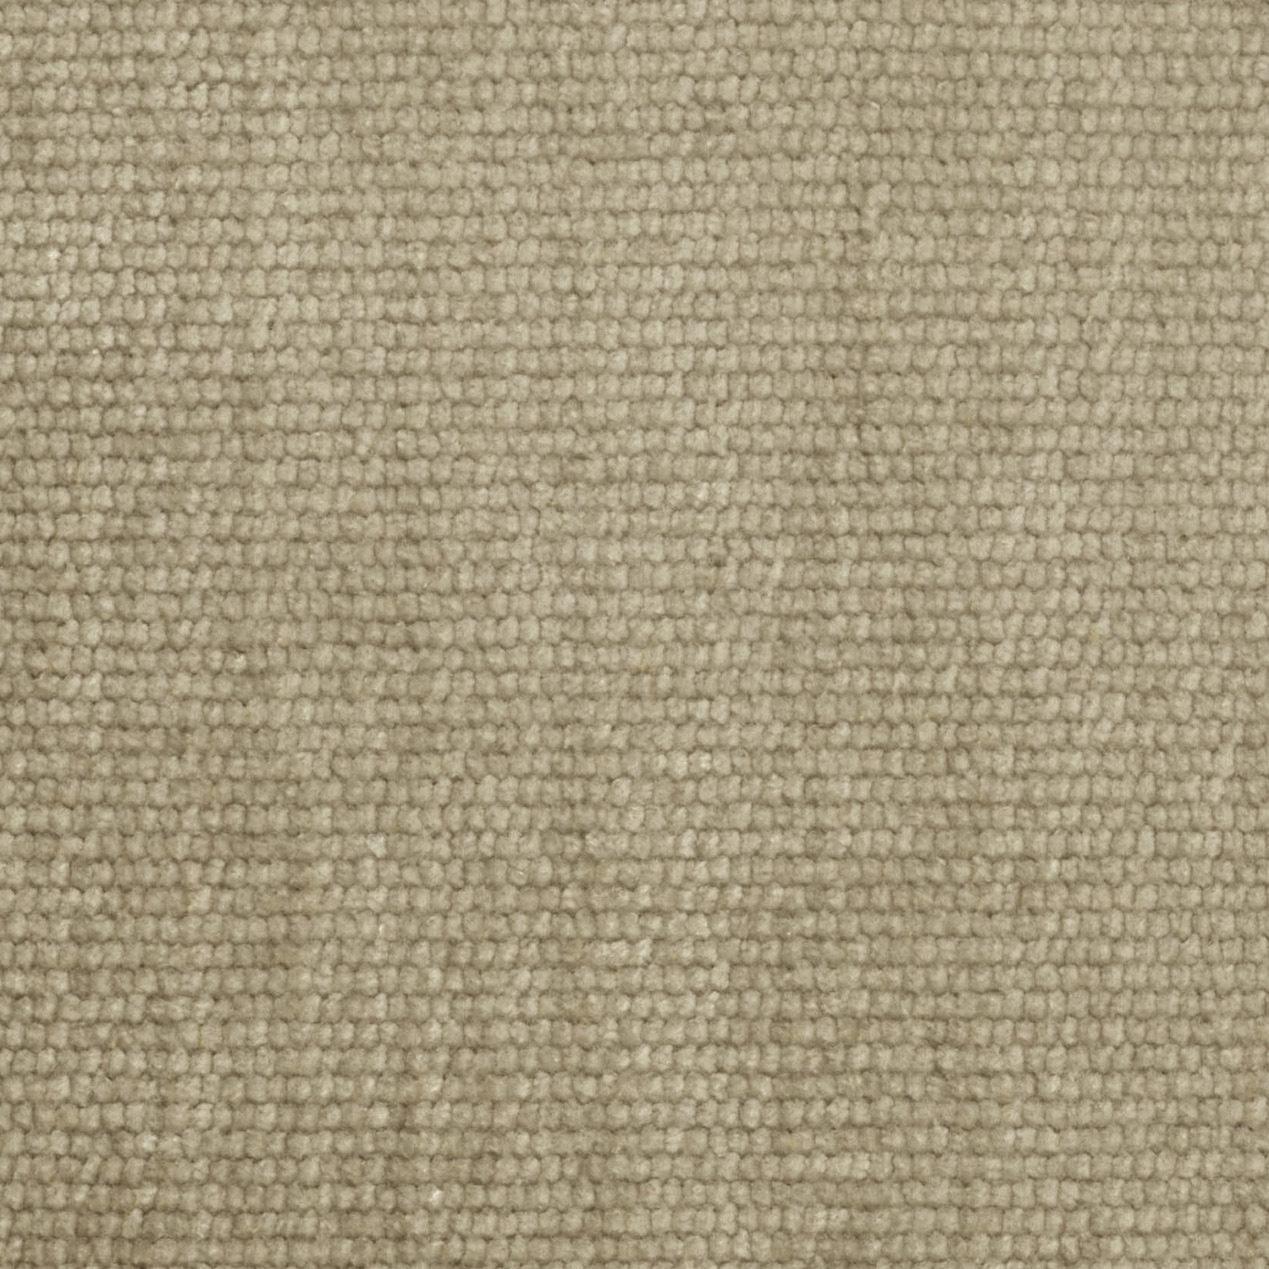 EXCL. Gobi beige